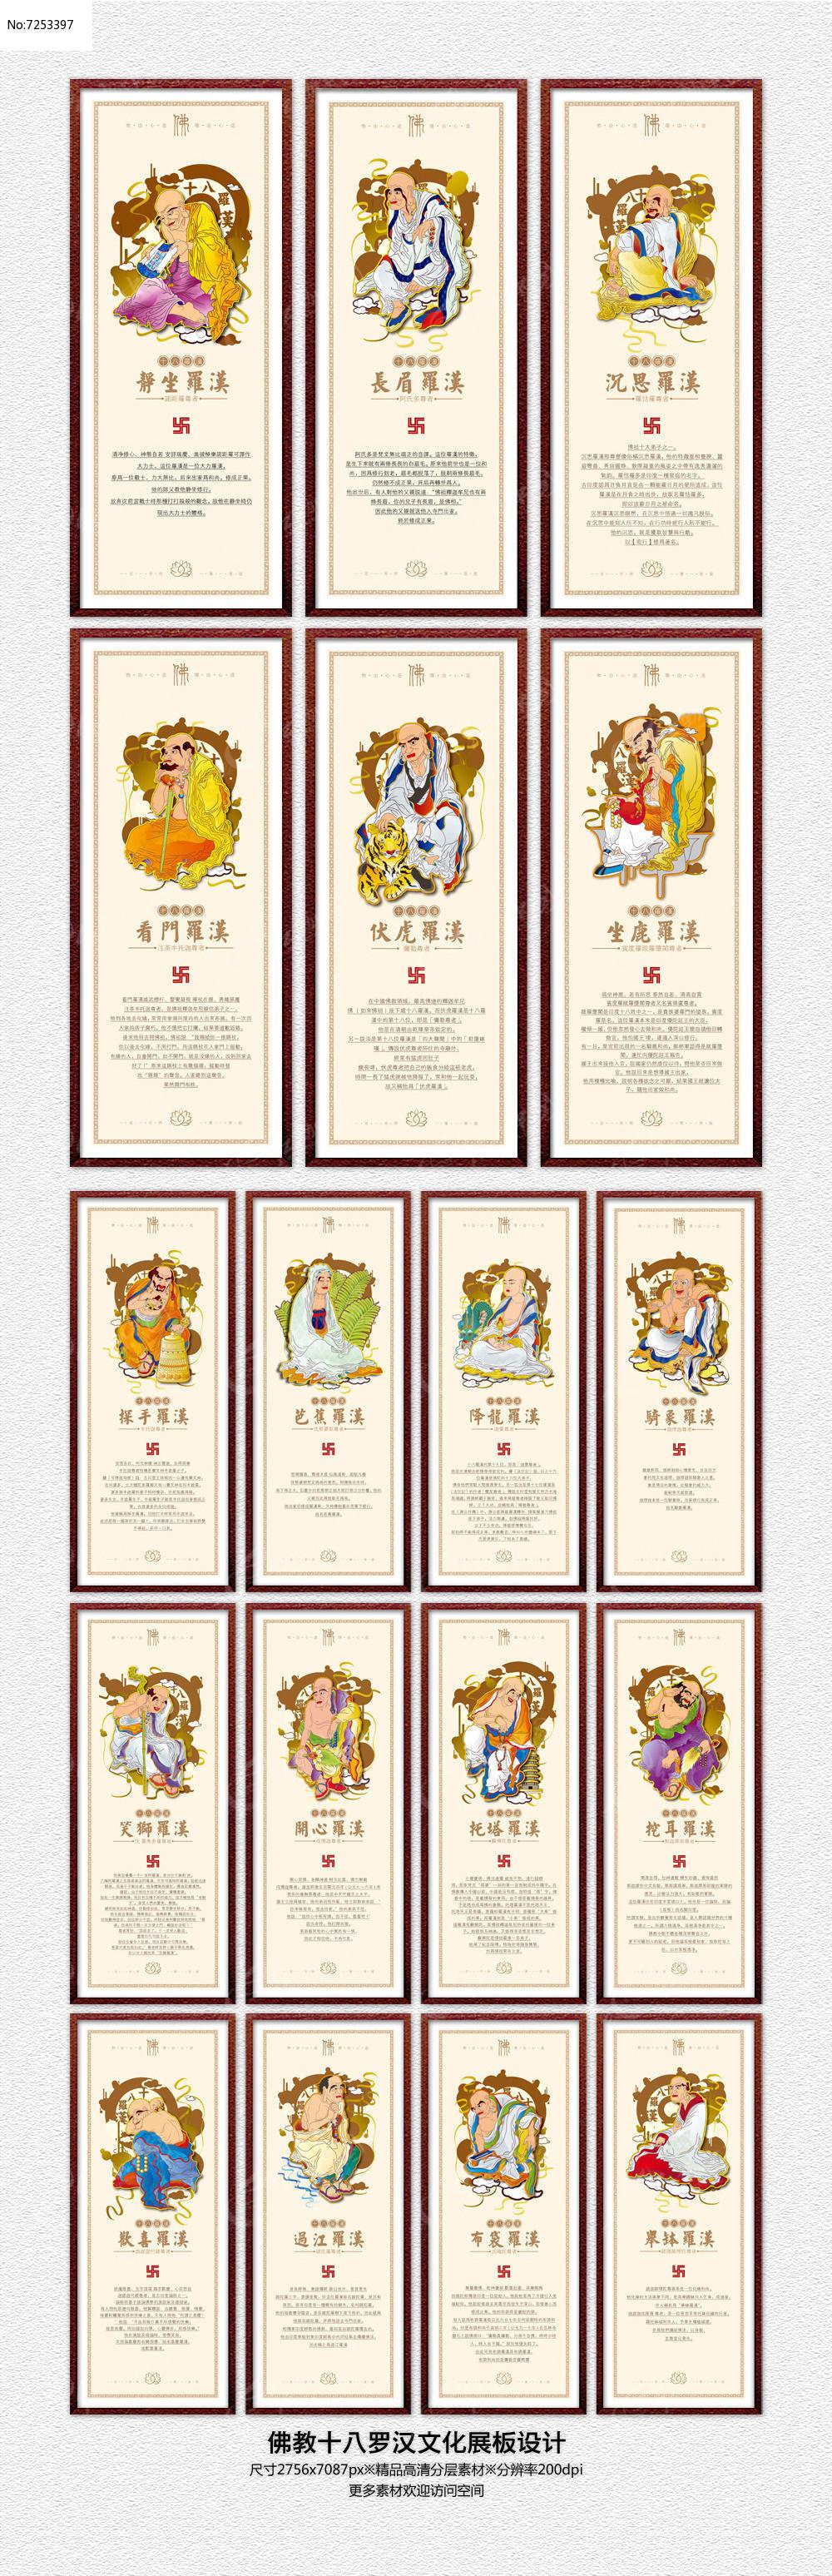 中国佛教文化十八罗汉文化展板设计图片